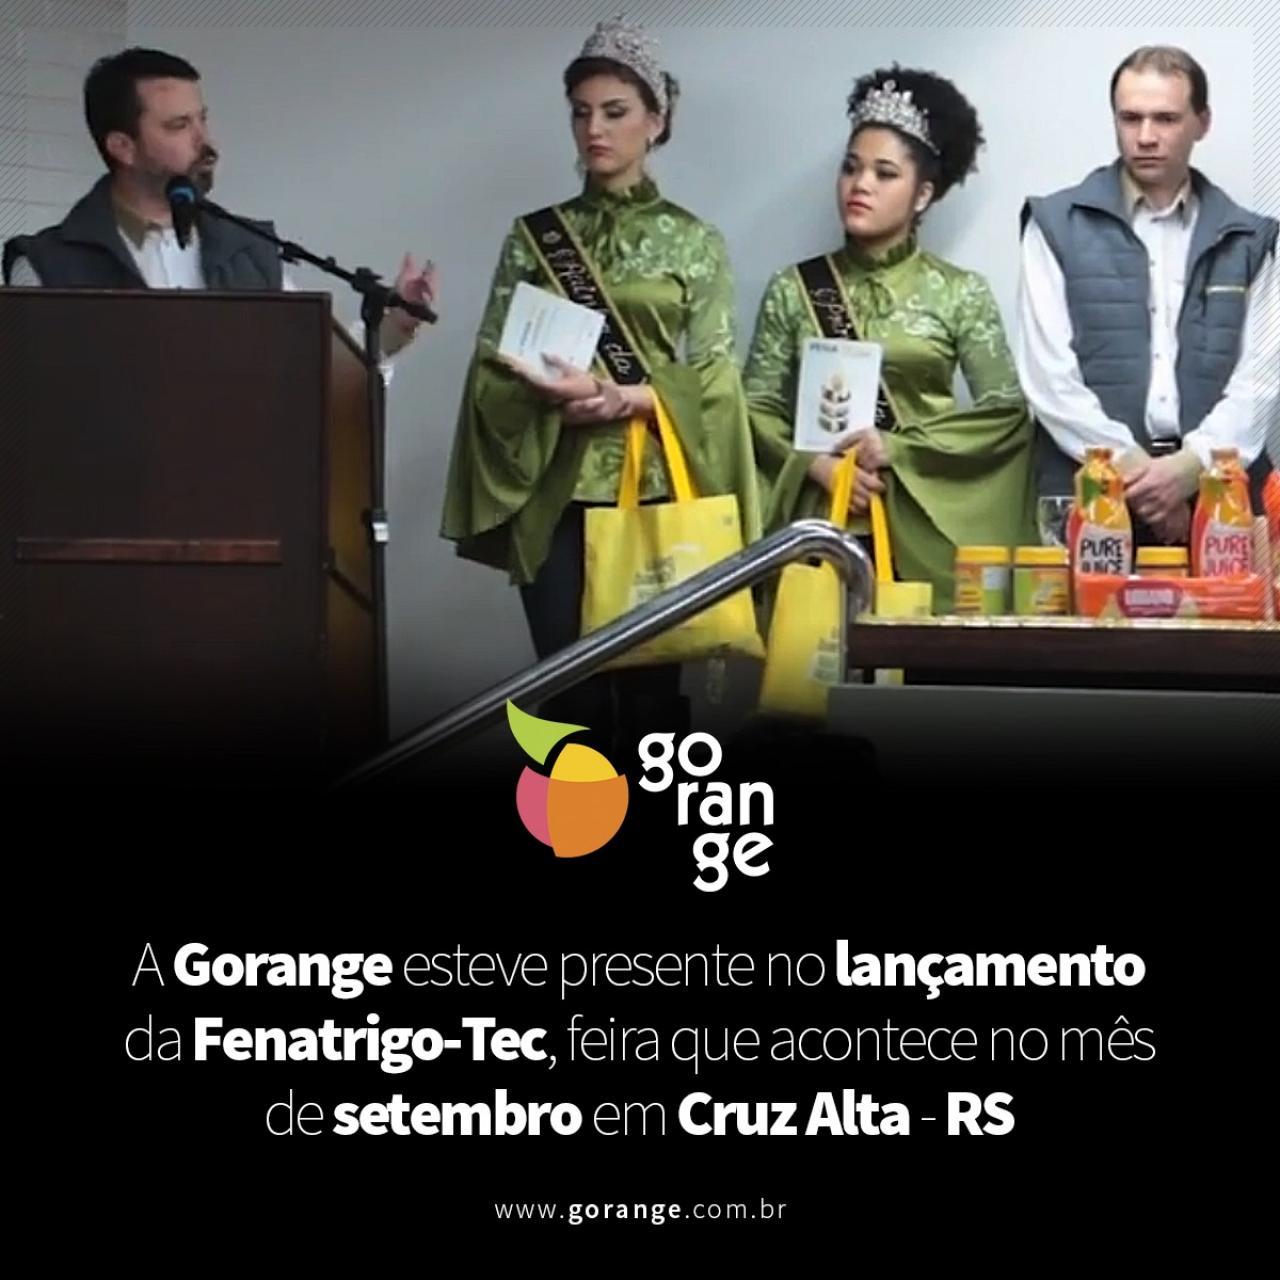 Gorange e Fenatrigo-Tec